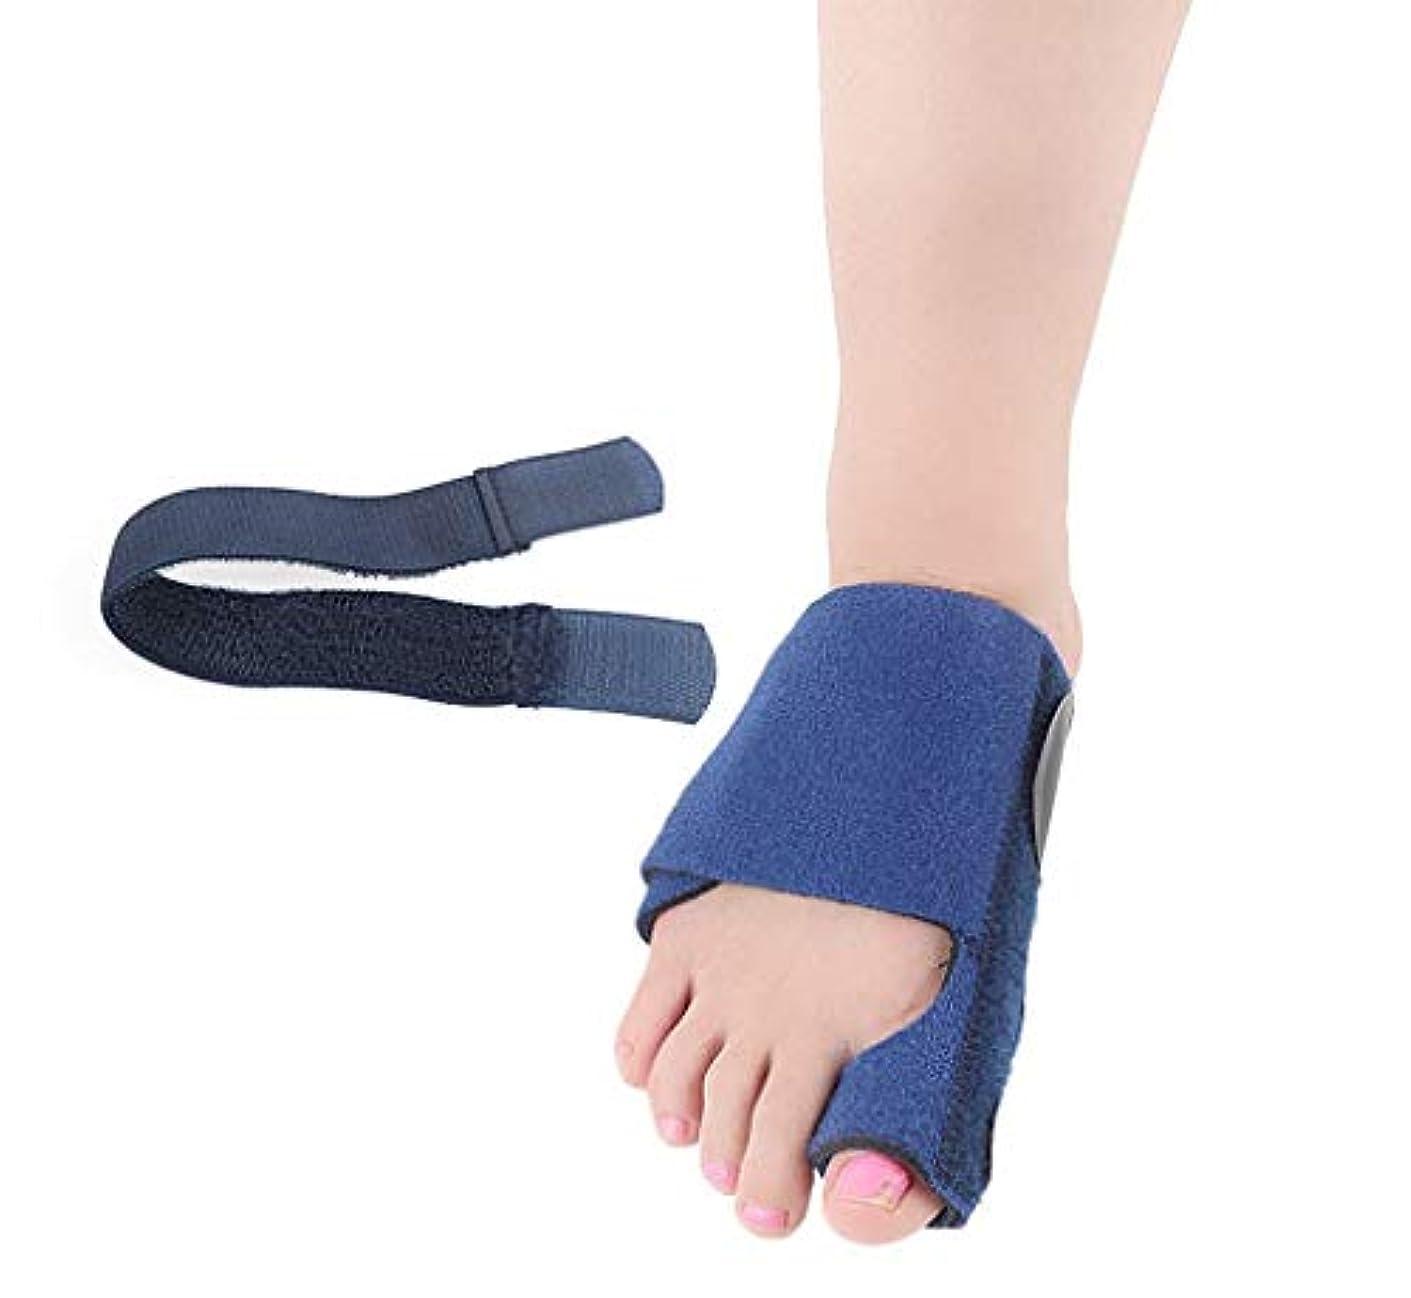 適切な市長ドループバニオンコレクター  - 整形外科用足首矯正ビッグトゥストレートナー - 外反母趾パッド用副木ブレース、関節痛の緩和、アライメント治療 - 整形外科用スリーブフットラップ